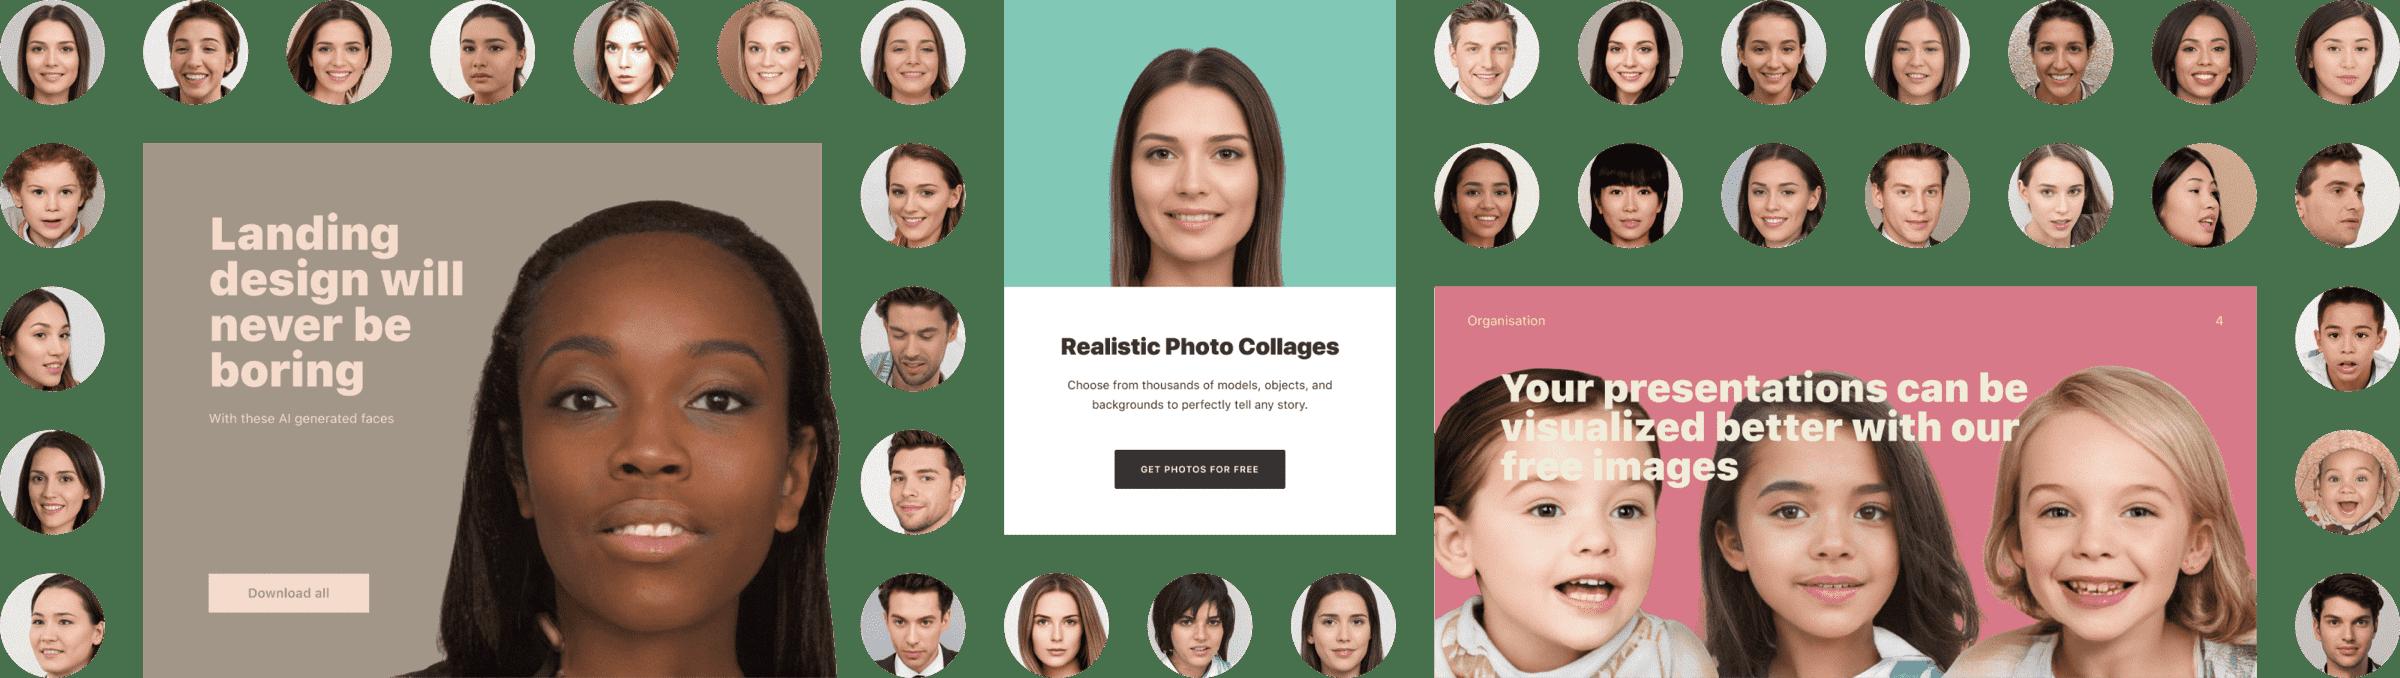 10万张不要肖像权的人脸照片